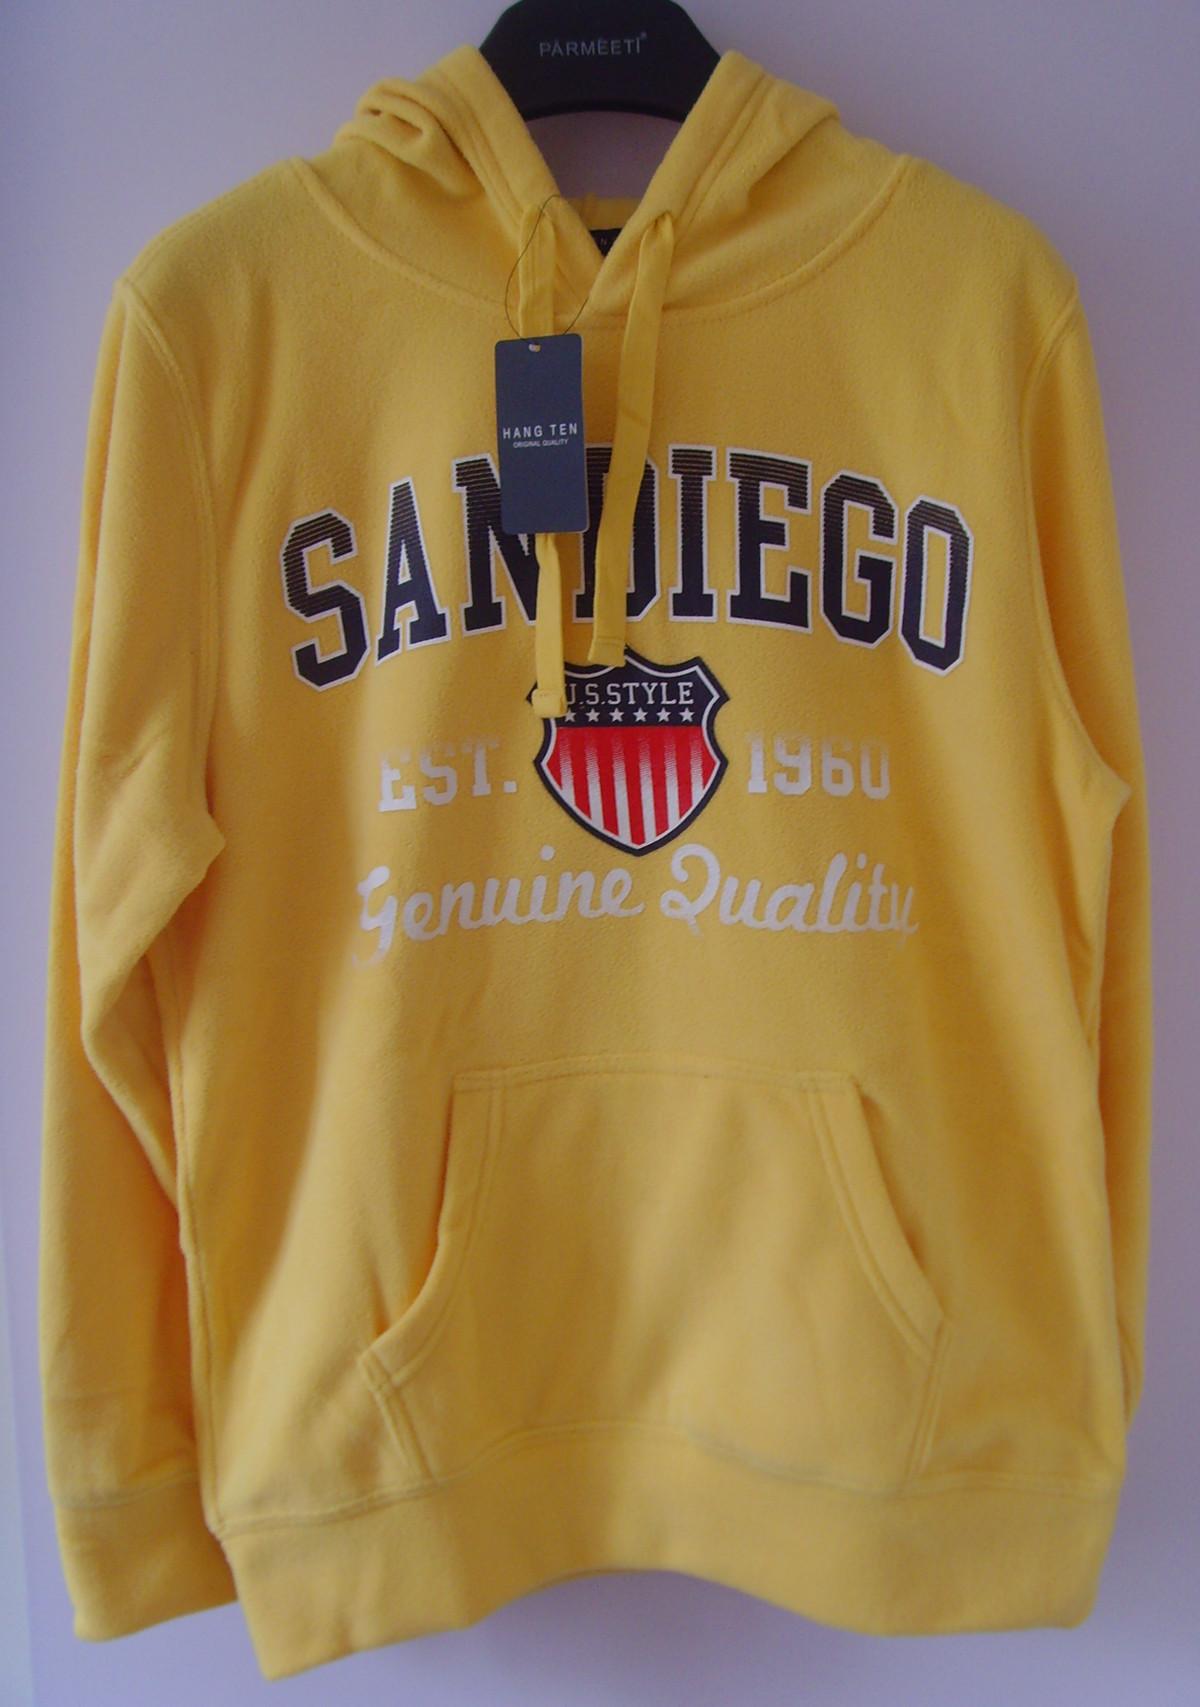 Внешняя торговля выход сша мужской спортивный досуг шерсть свитер флис закрытый размер жир